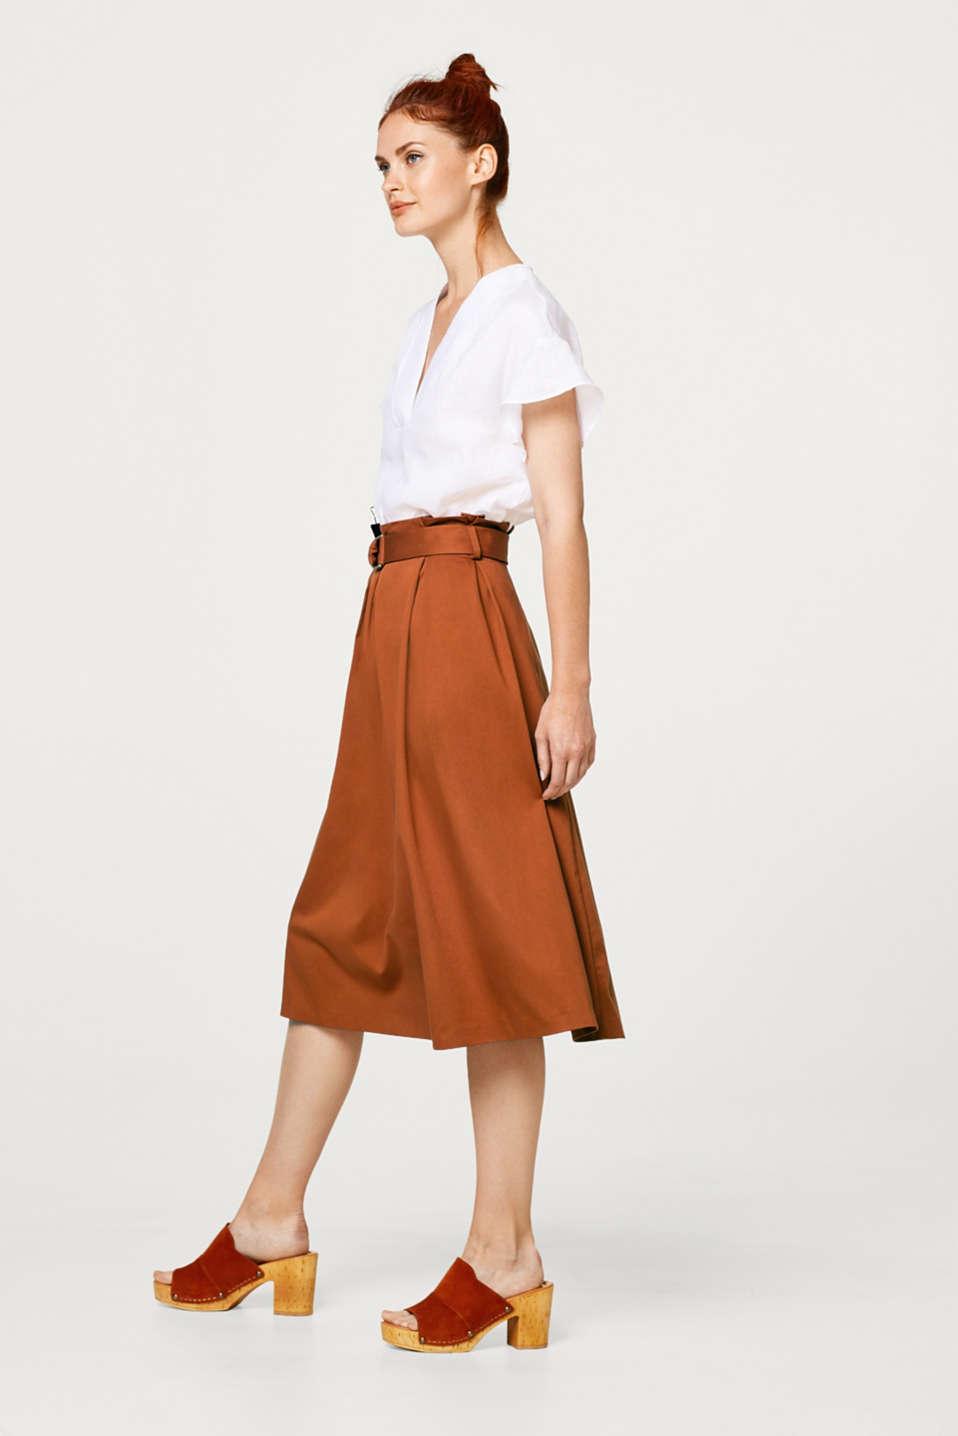 Denna svepande kjol har feminin charm tack vare trendig midilängd och modern paperbaglinning med lagda veck och skärp!